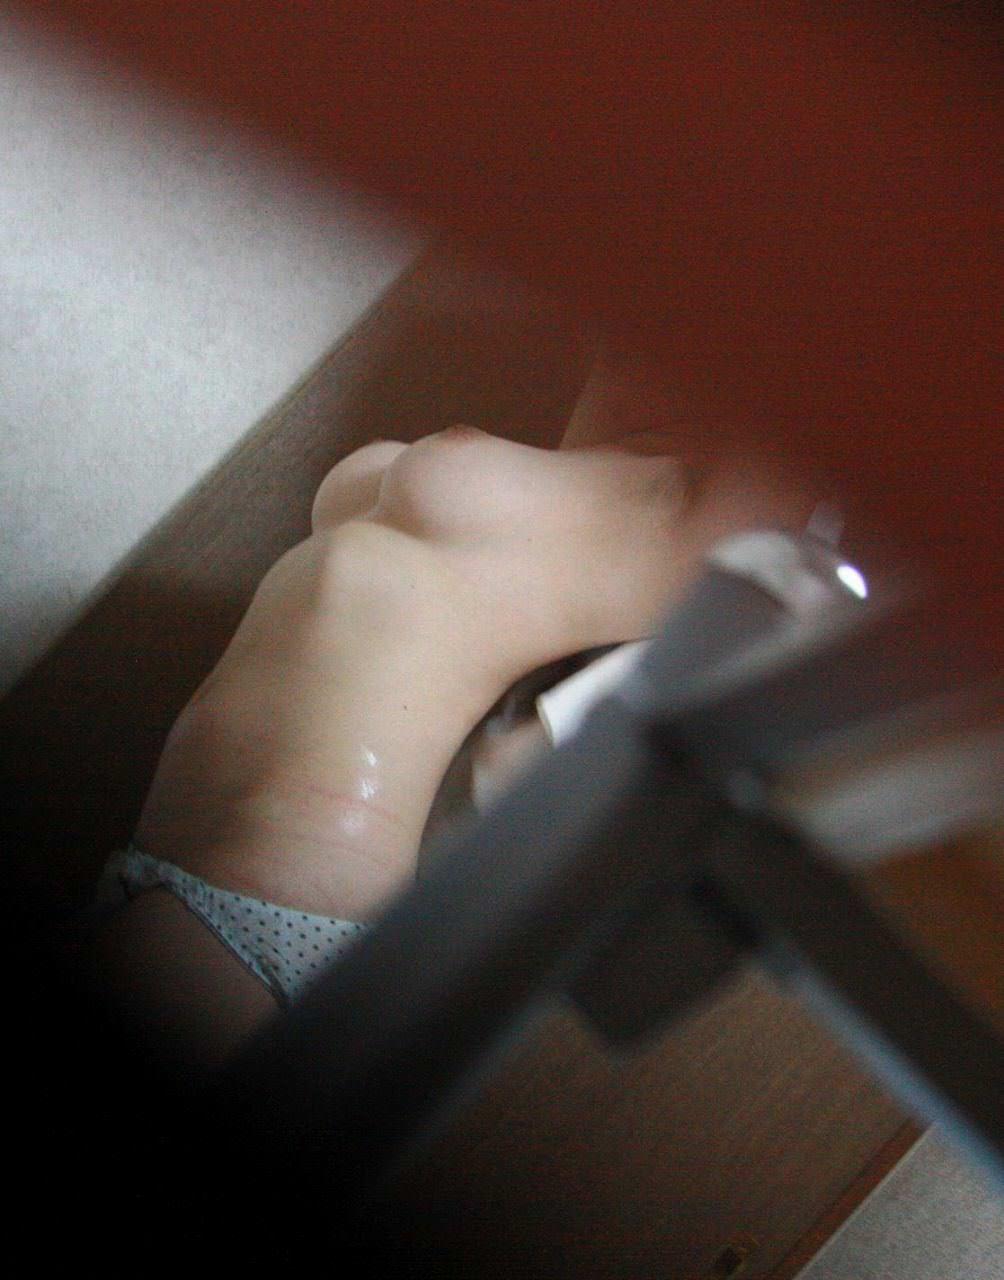 同居してる入浴中の妹隠し撮りだぁーwww興奮しすぎてヤバイぞぉーwww 0732